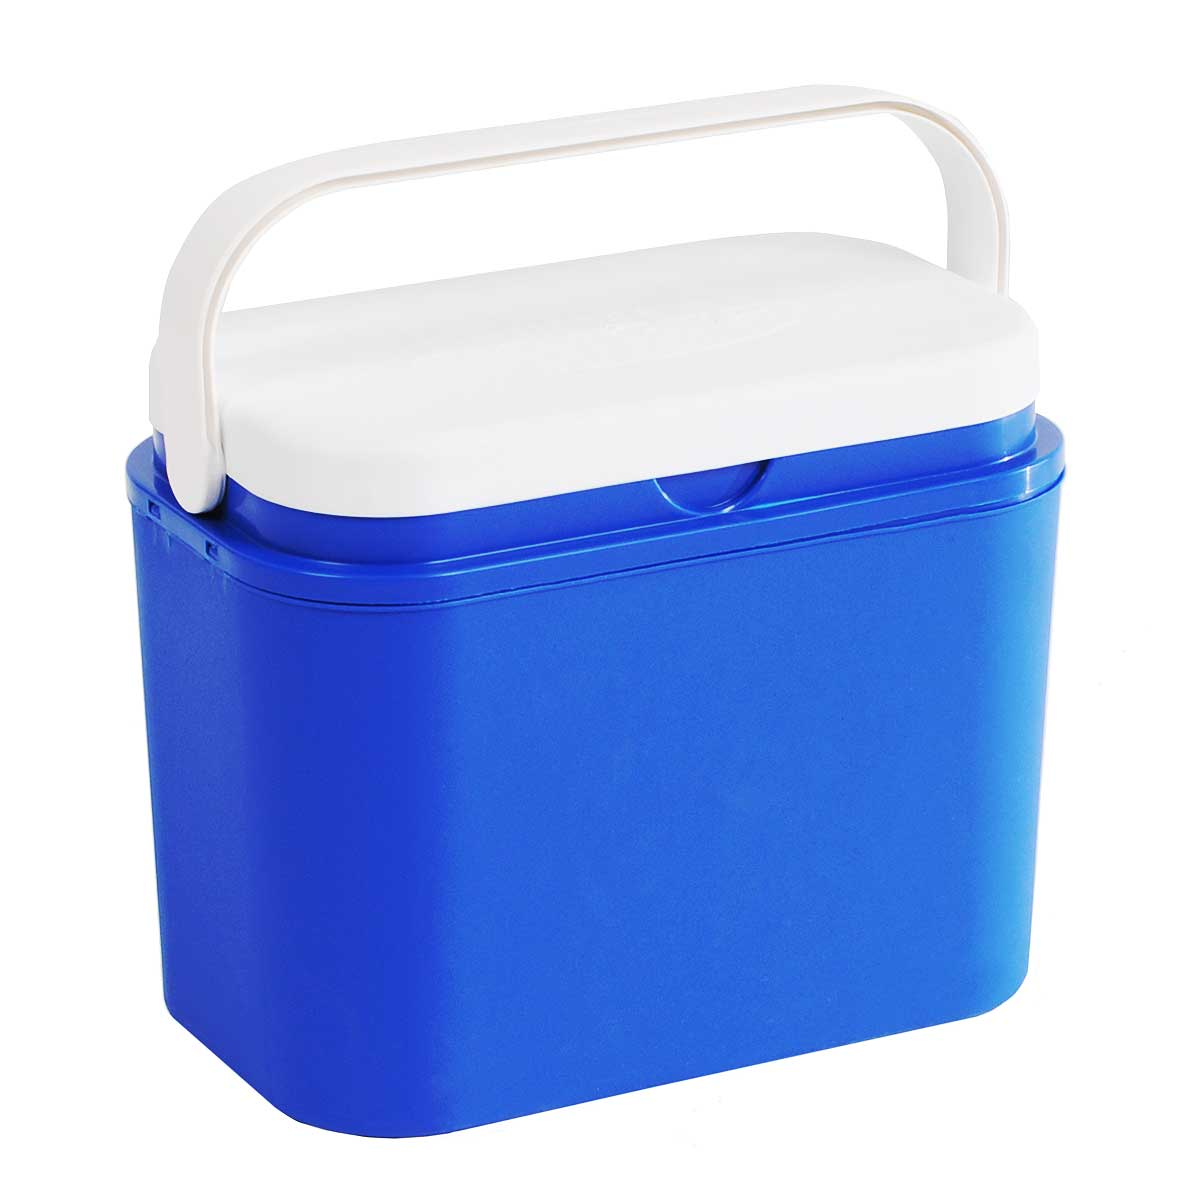 Контейнер изотермический Atlantic  Cool Box , цвет: синий, 10 л -  Товары для барбекю и пикника